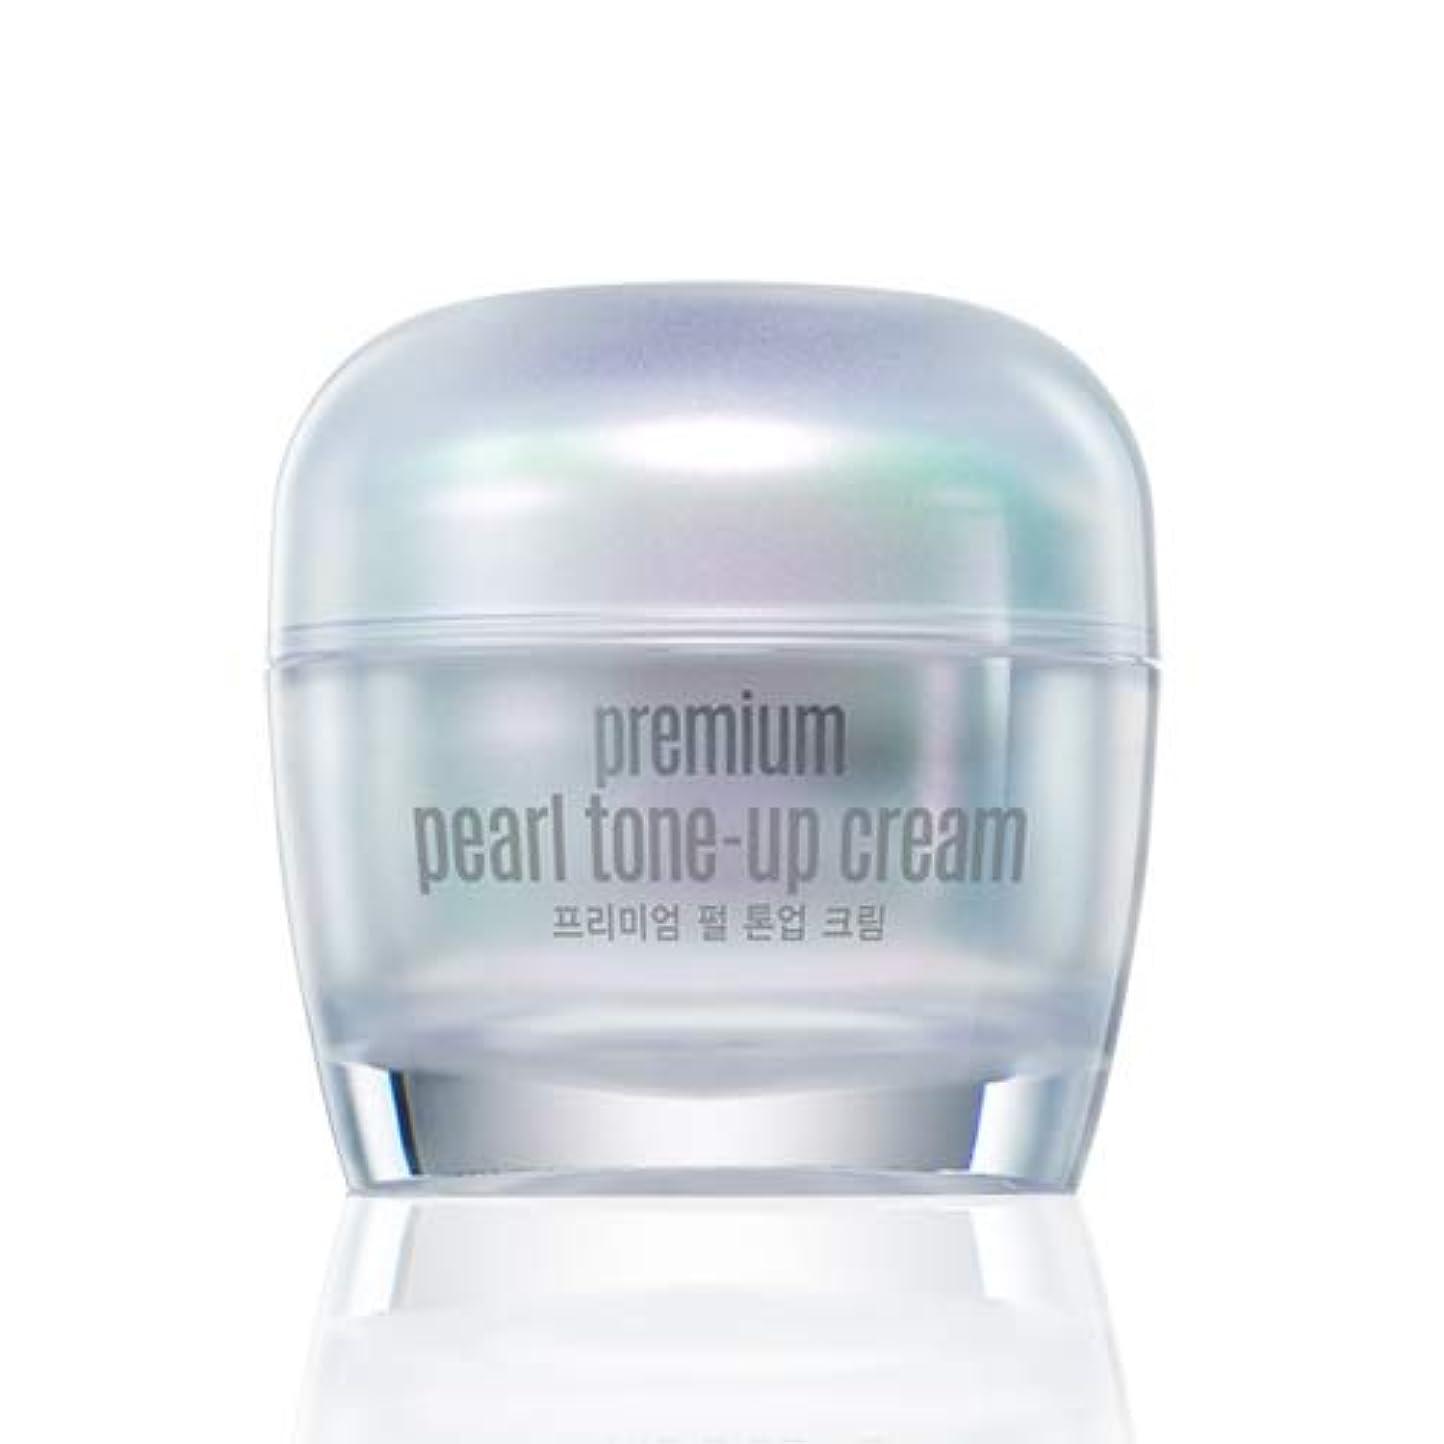 眠っているミント旅行代理店グーダル プレミアム パール トーンアップ クリーム50ml Goodal Premium Pearl Tone-up Cream [並行輸入品]